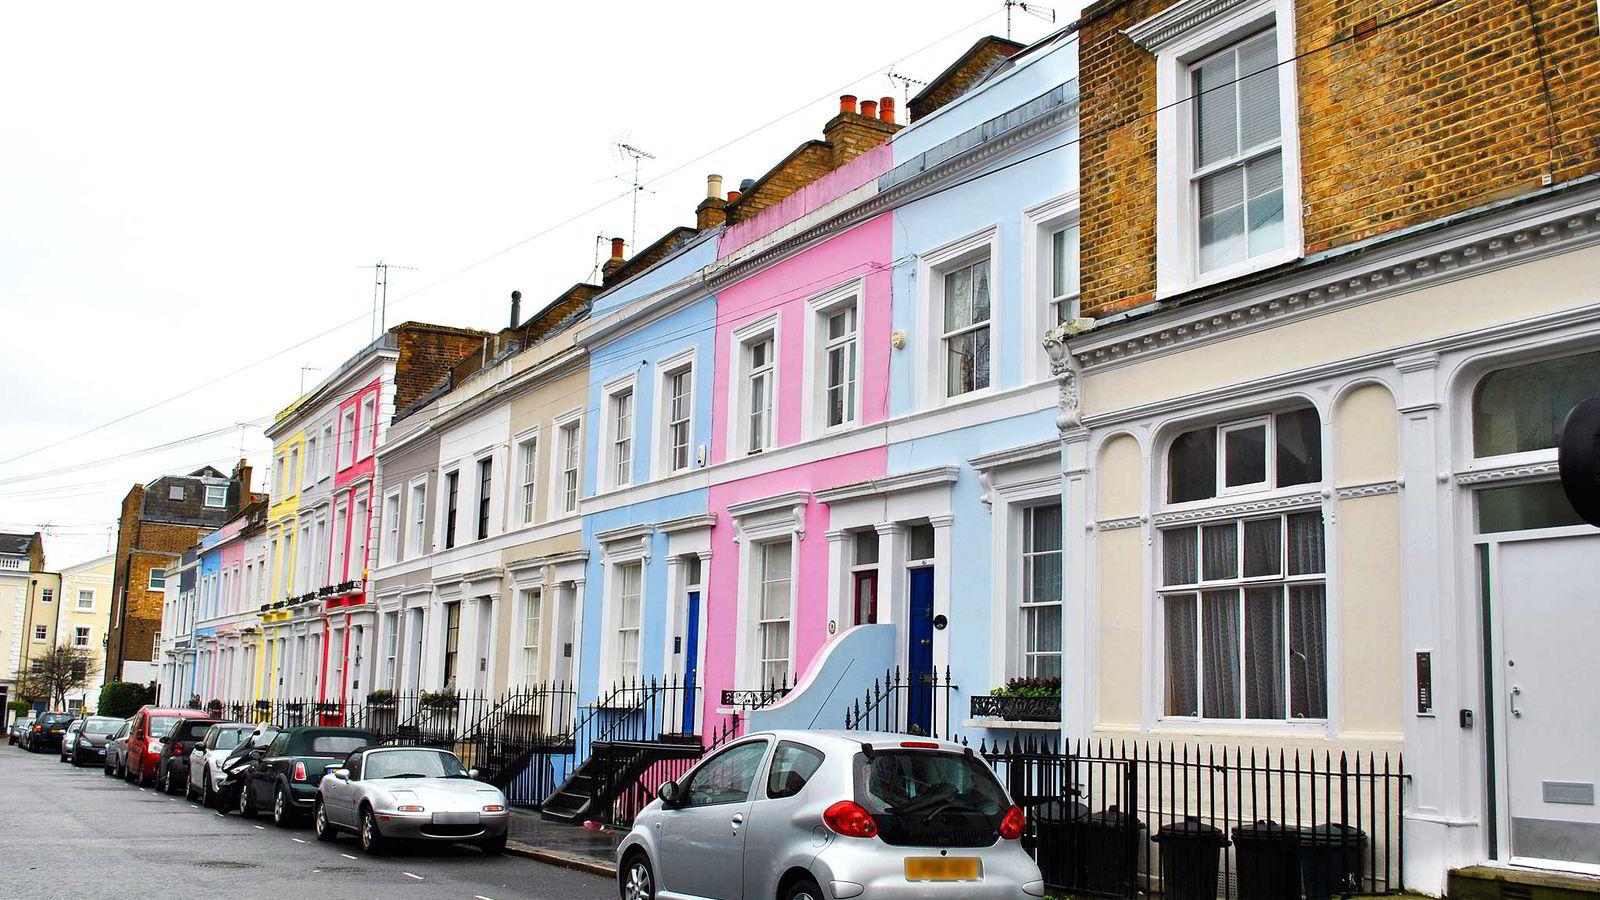 Innen 2020 må en førstegangskjøper i sentrale deler av London ha en årsinntekt på minst 106.000 pund, drøye 1,2 millioner kroner, for å ha råd til en gjennomsnittlig bolig.